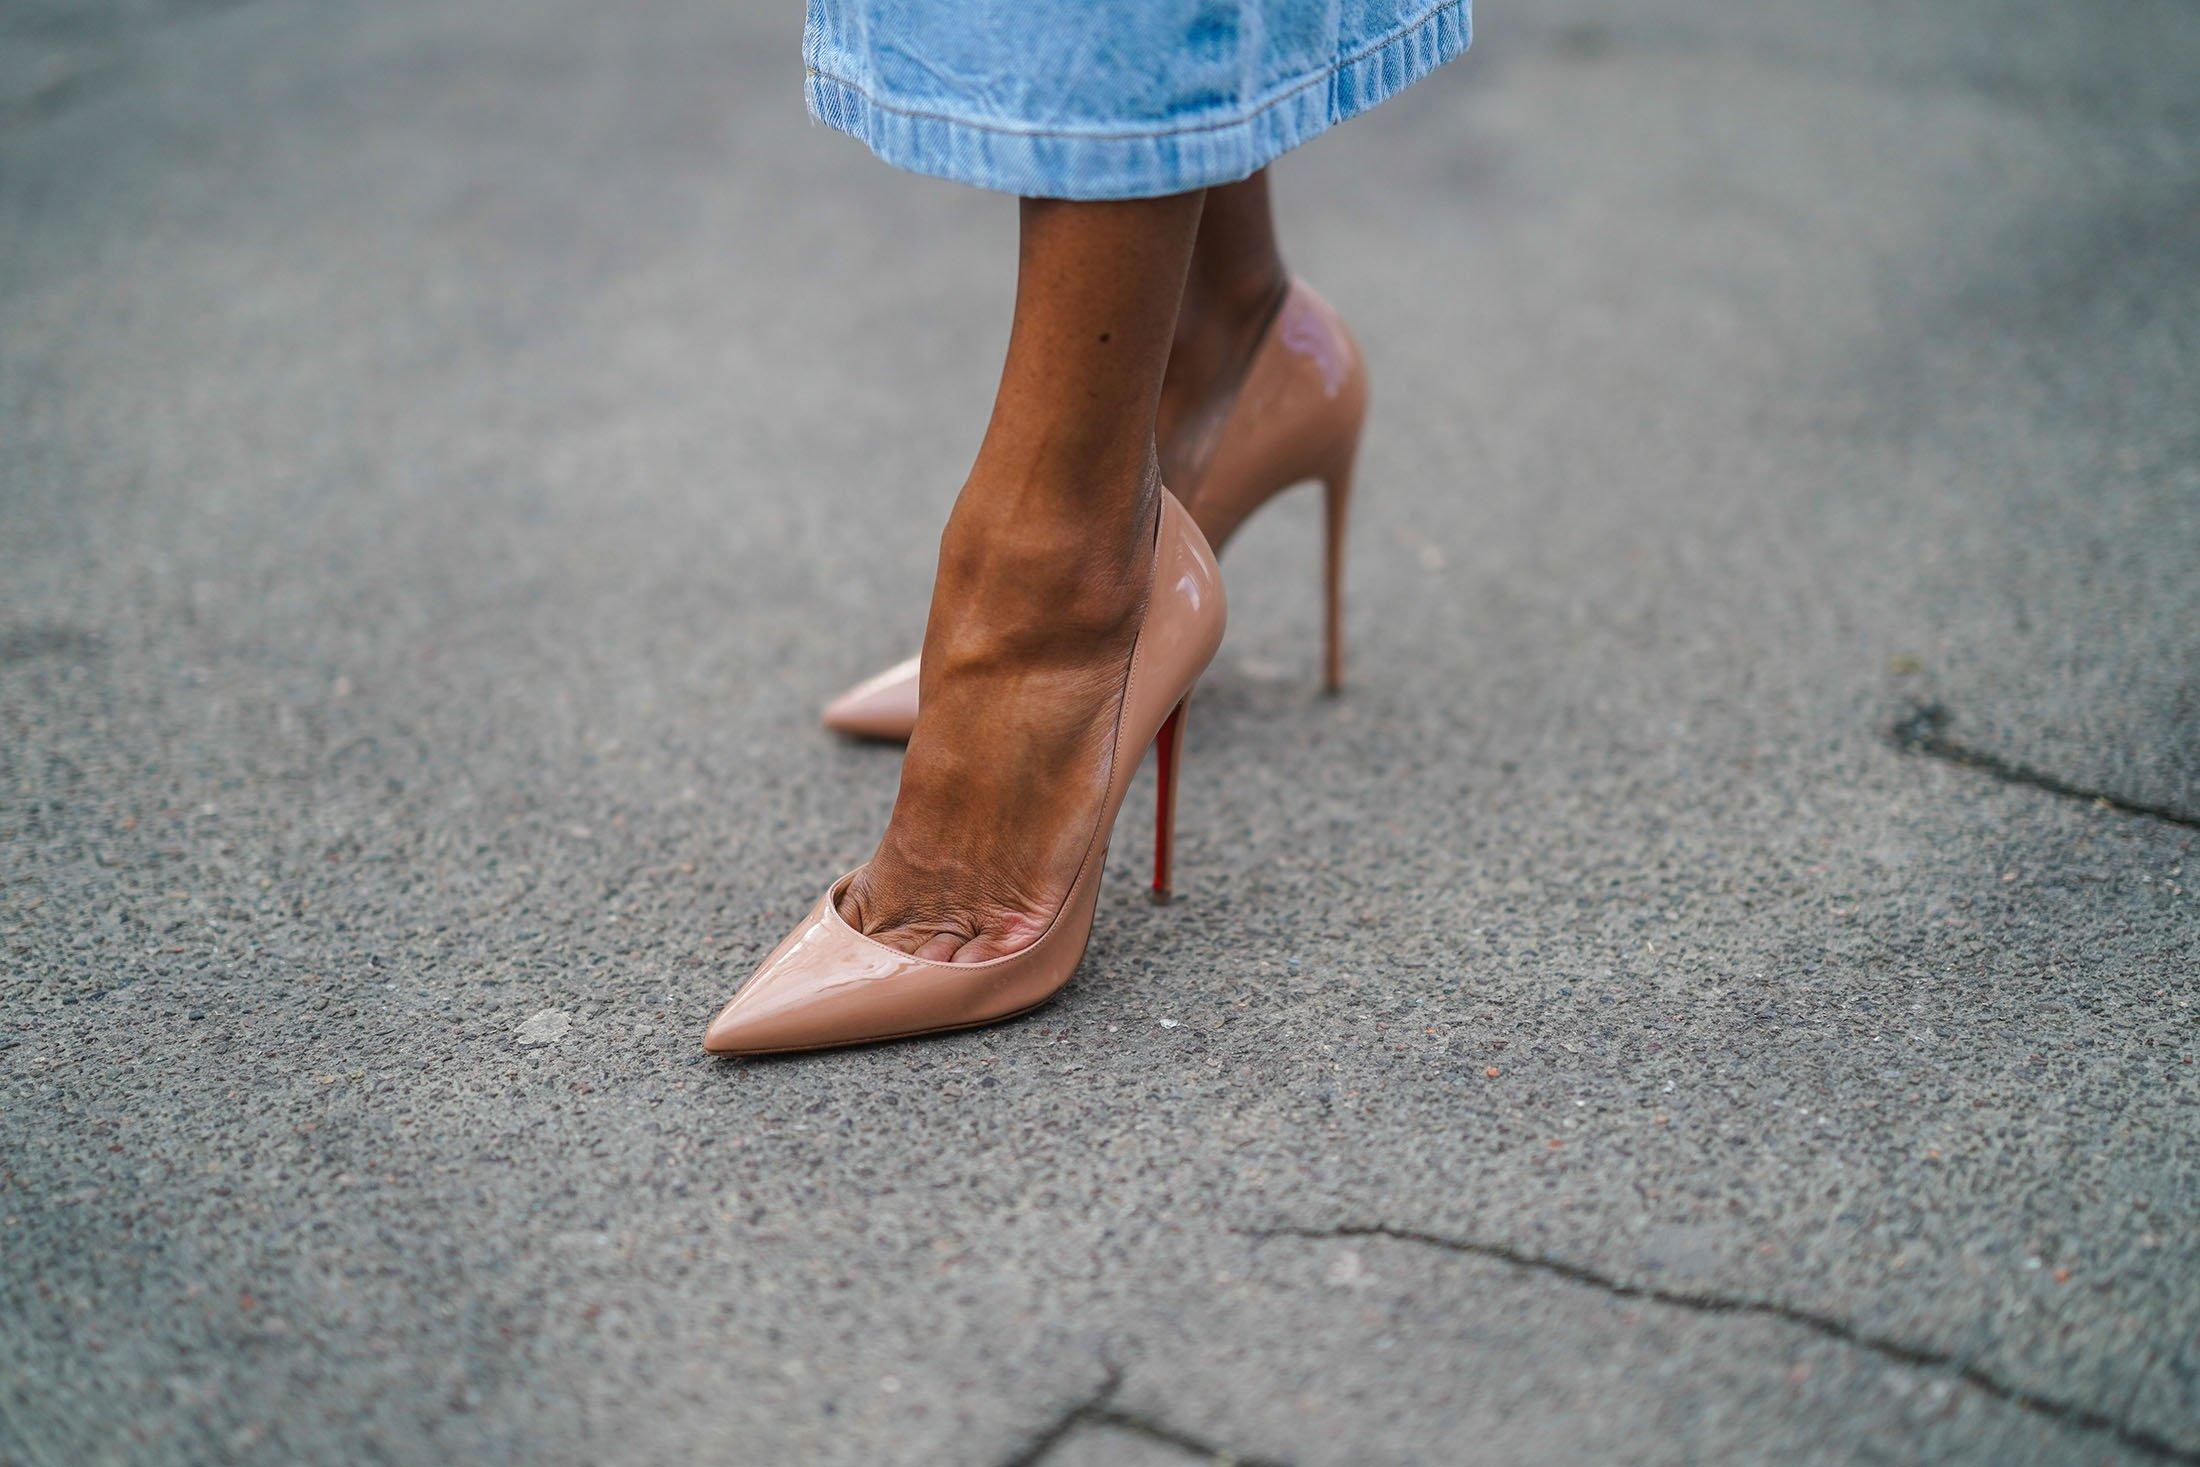 Sivri Louboutin pompaları gıpta ediliyor, ancak aynı zamanda gezegendeki 'en acı verici ayakkabılar' olduğu için eleştiriliyor. (Getty Images)